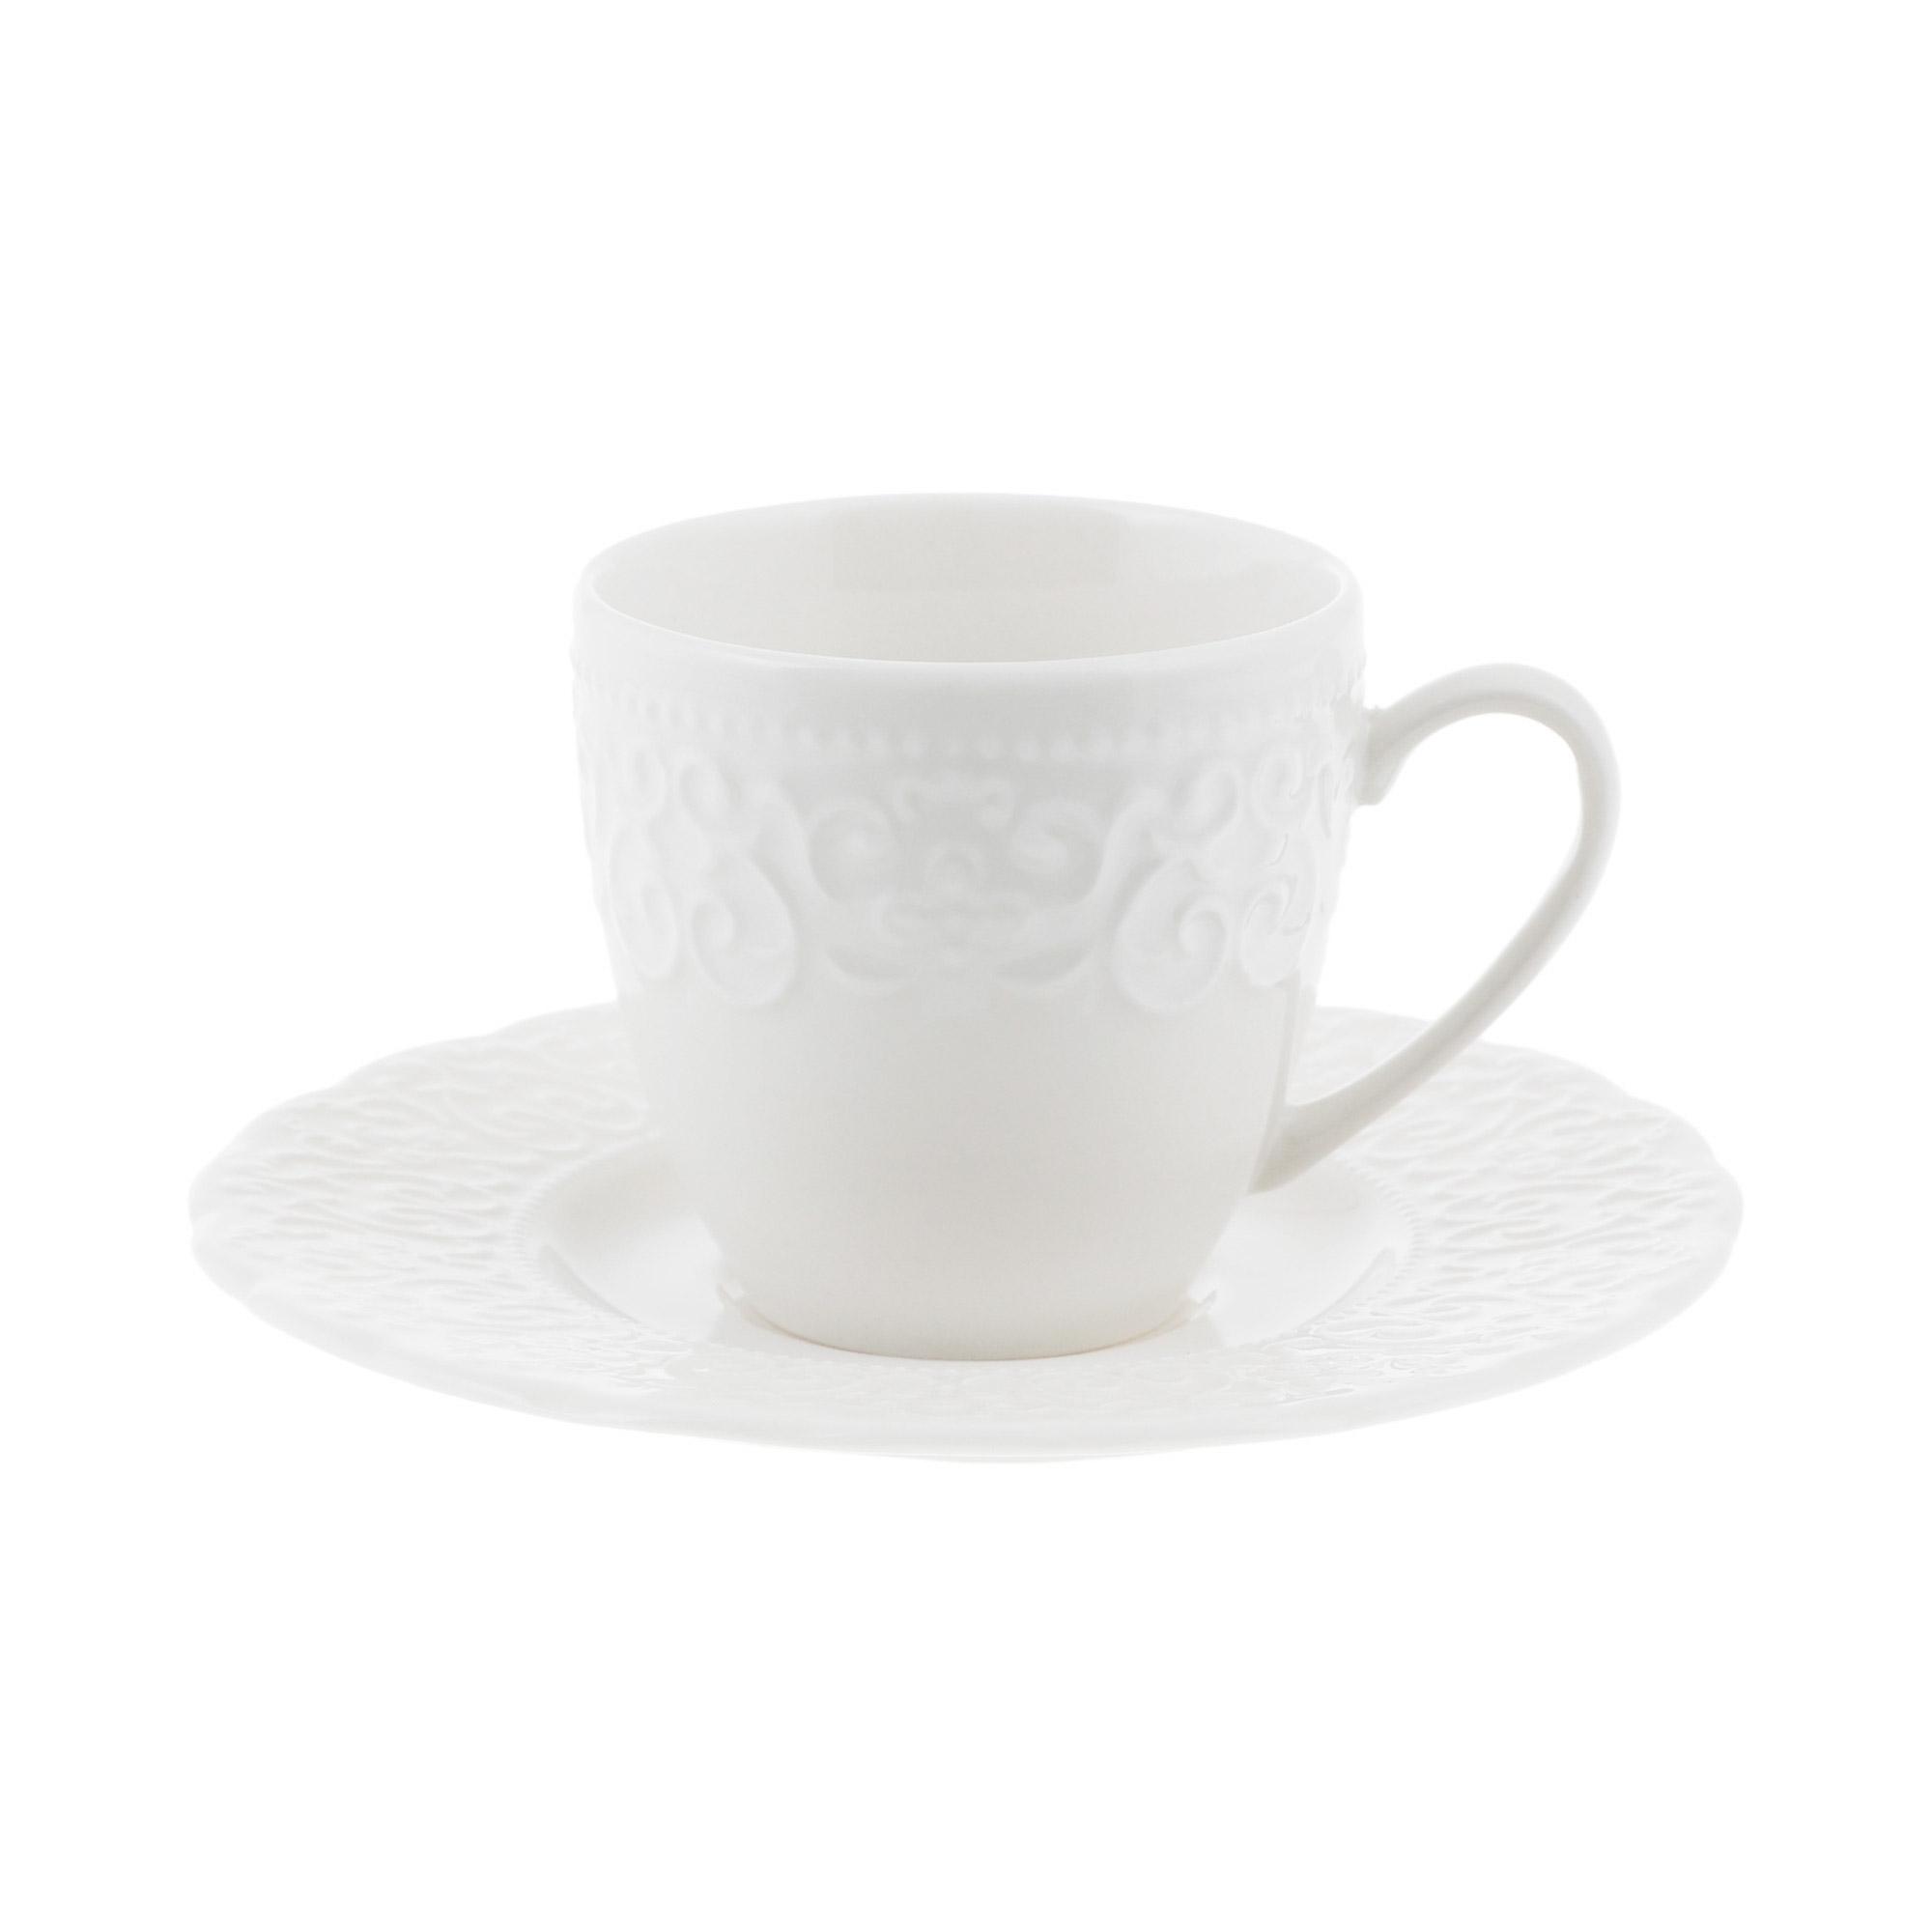 Чашка с блюдцем кофейная 100 мл Kutahya porselen Irem недекорированная